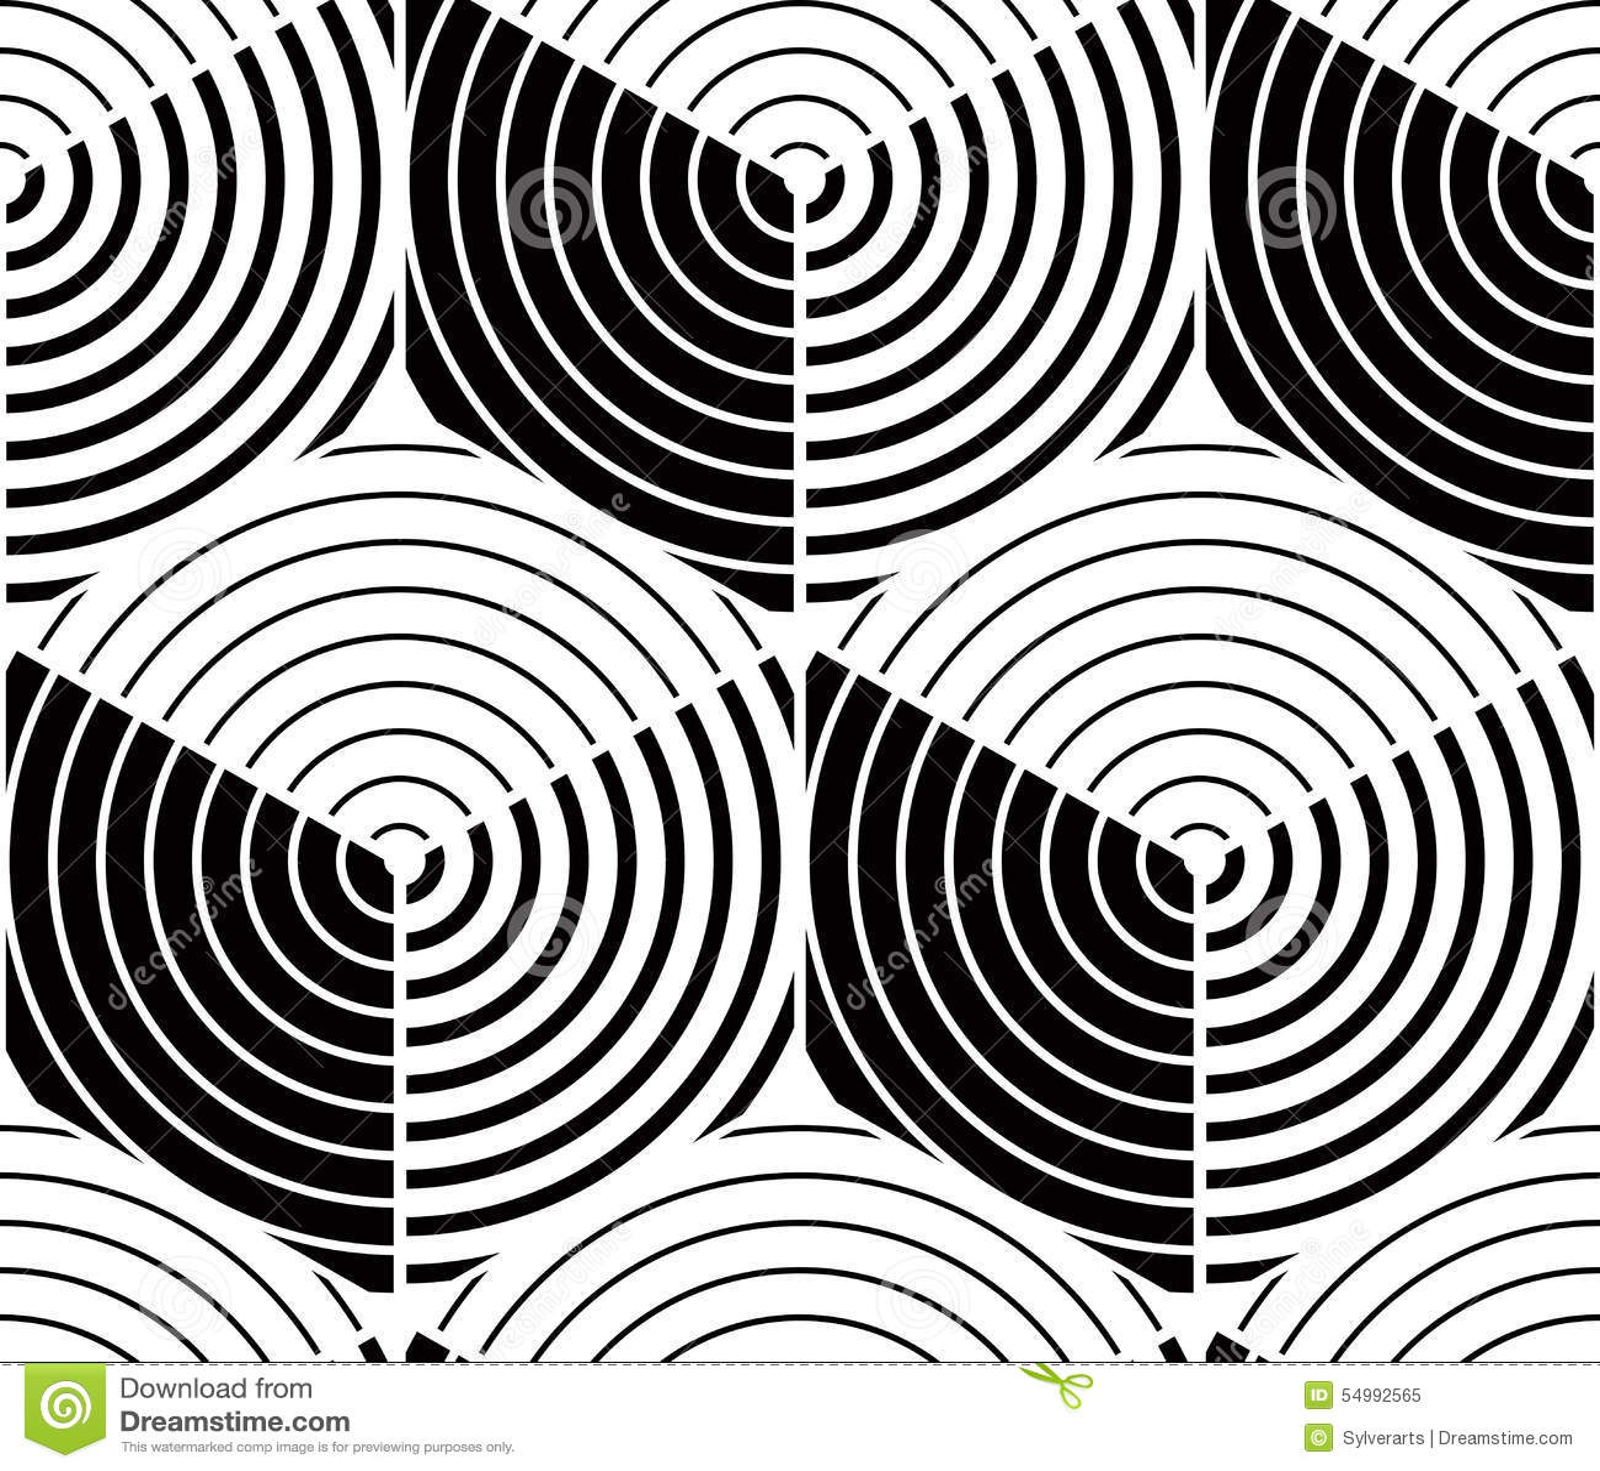 Modello simmetrico monocromatico senza fine, progettazione grafica geometrico